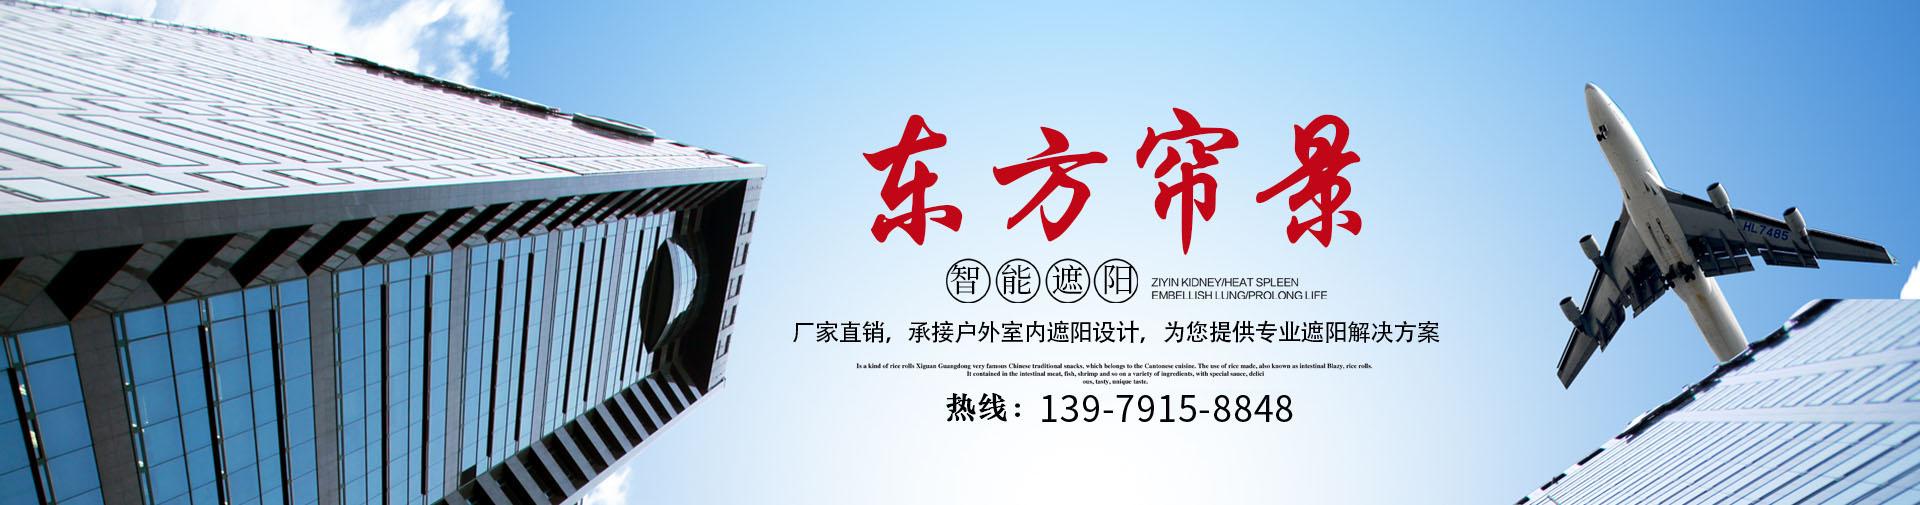 江西东方帘景遮阳产品有限公司